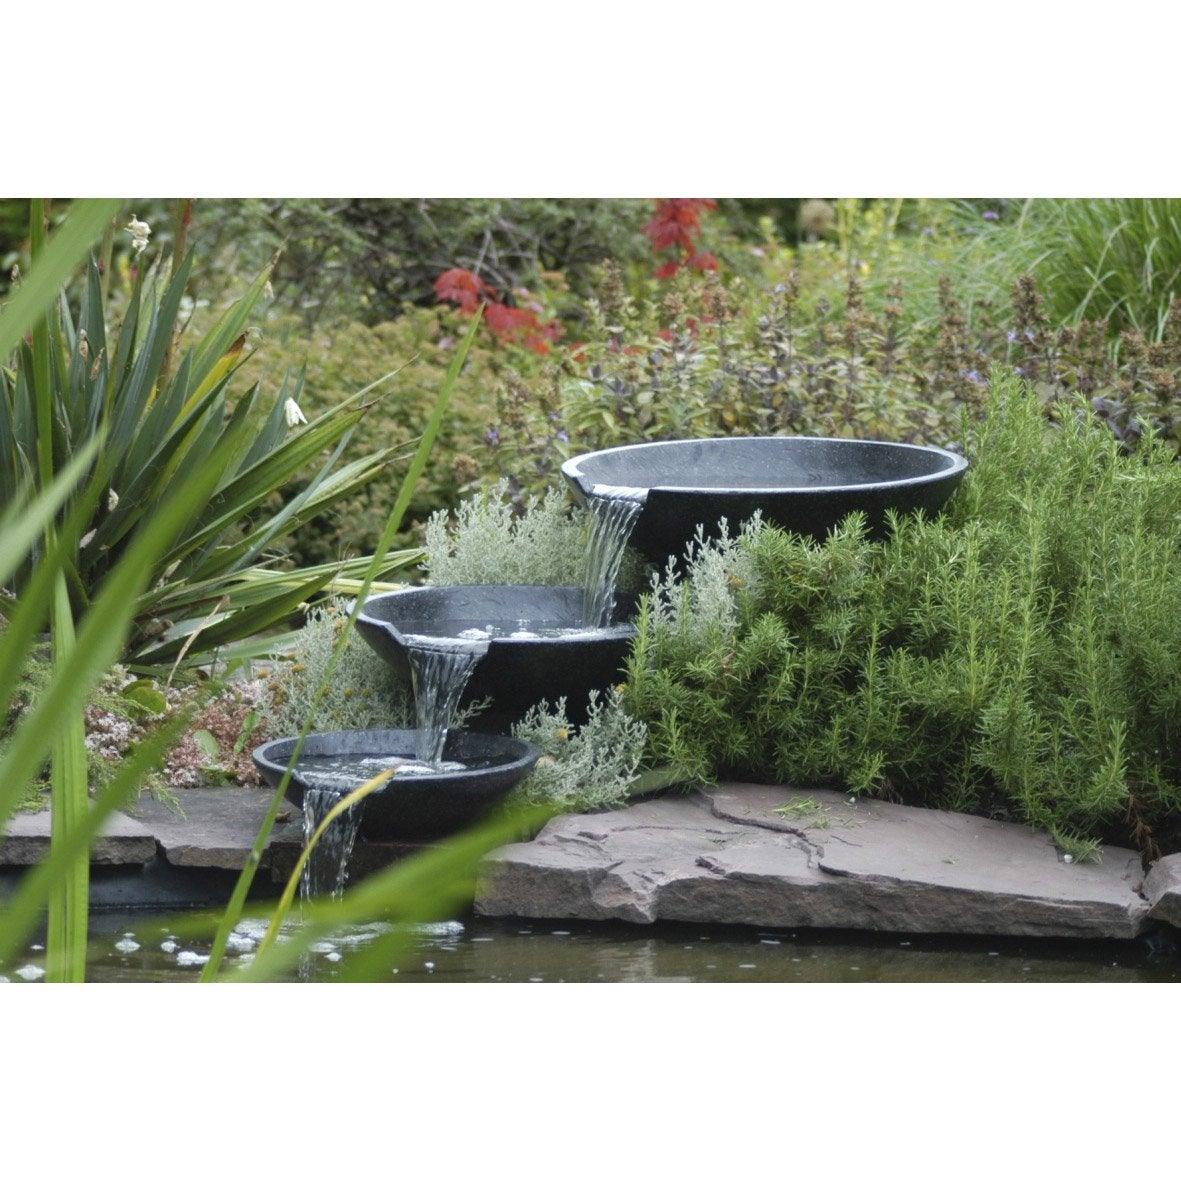 Modèle De Bassin De Jardin se rapportant à awesome bassin de jardin cascade ideas - lalawgroup - lalawgroup